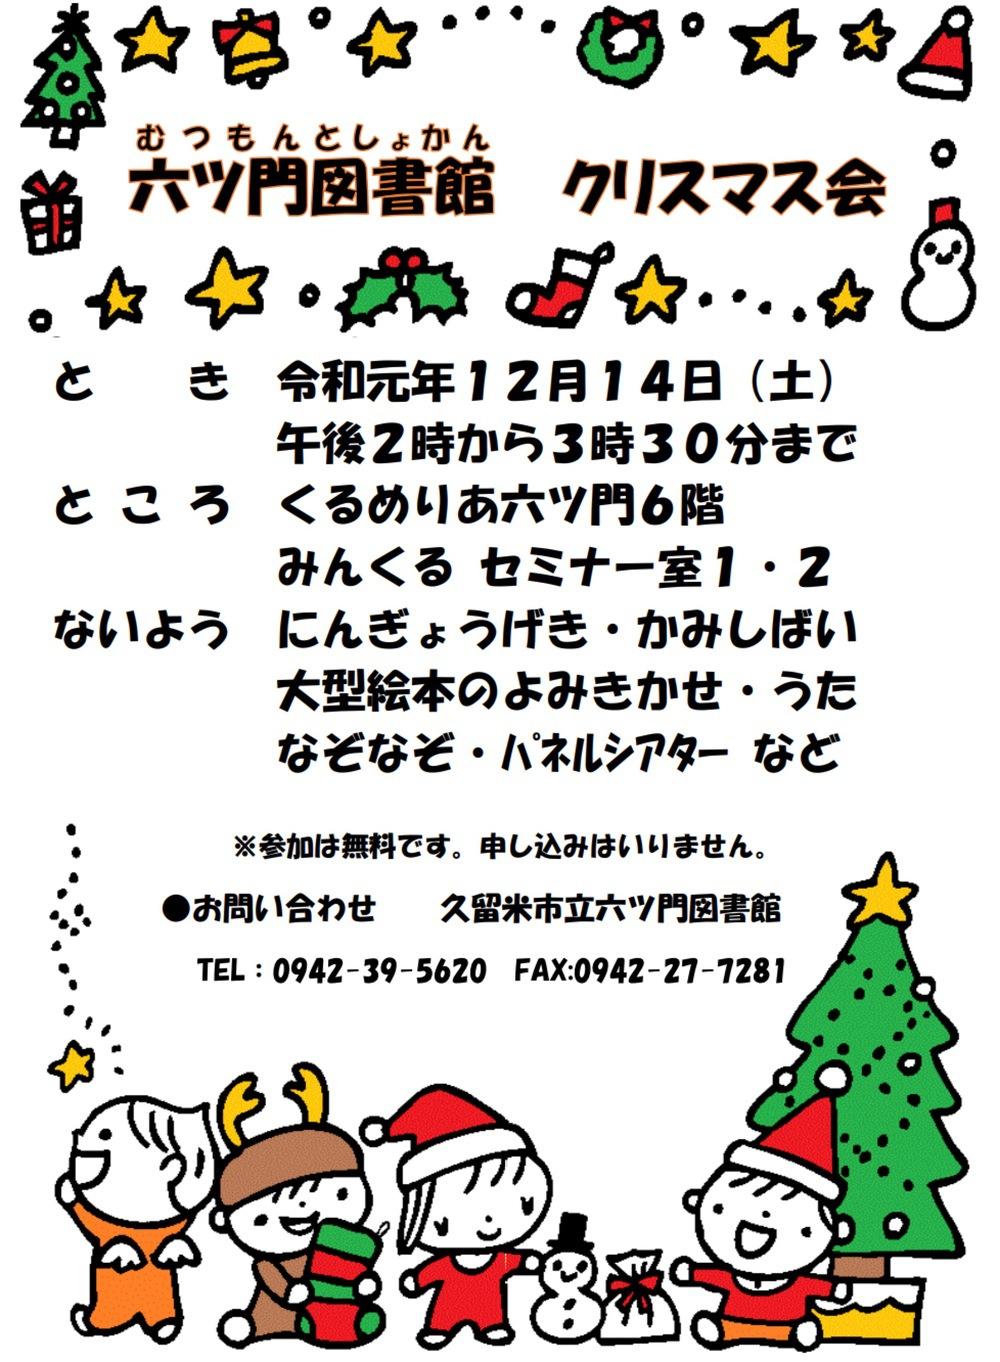 久留米市六ツ門図書館 クリスマス会2019 12月14日